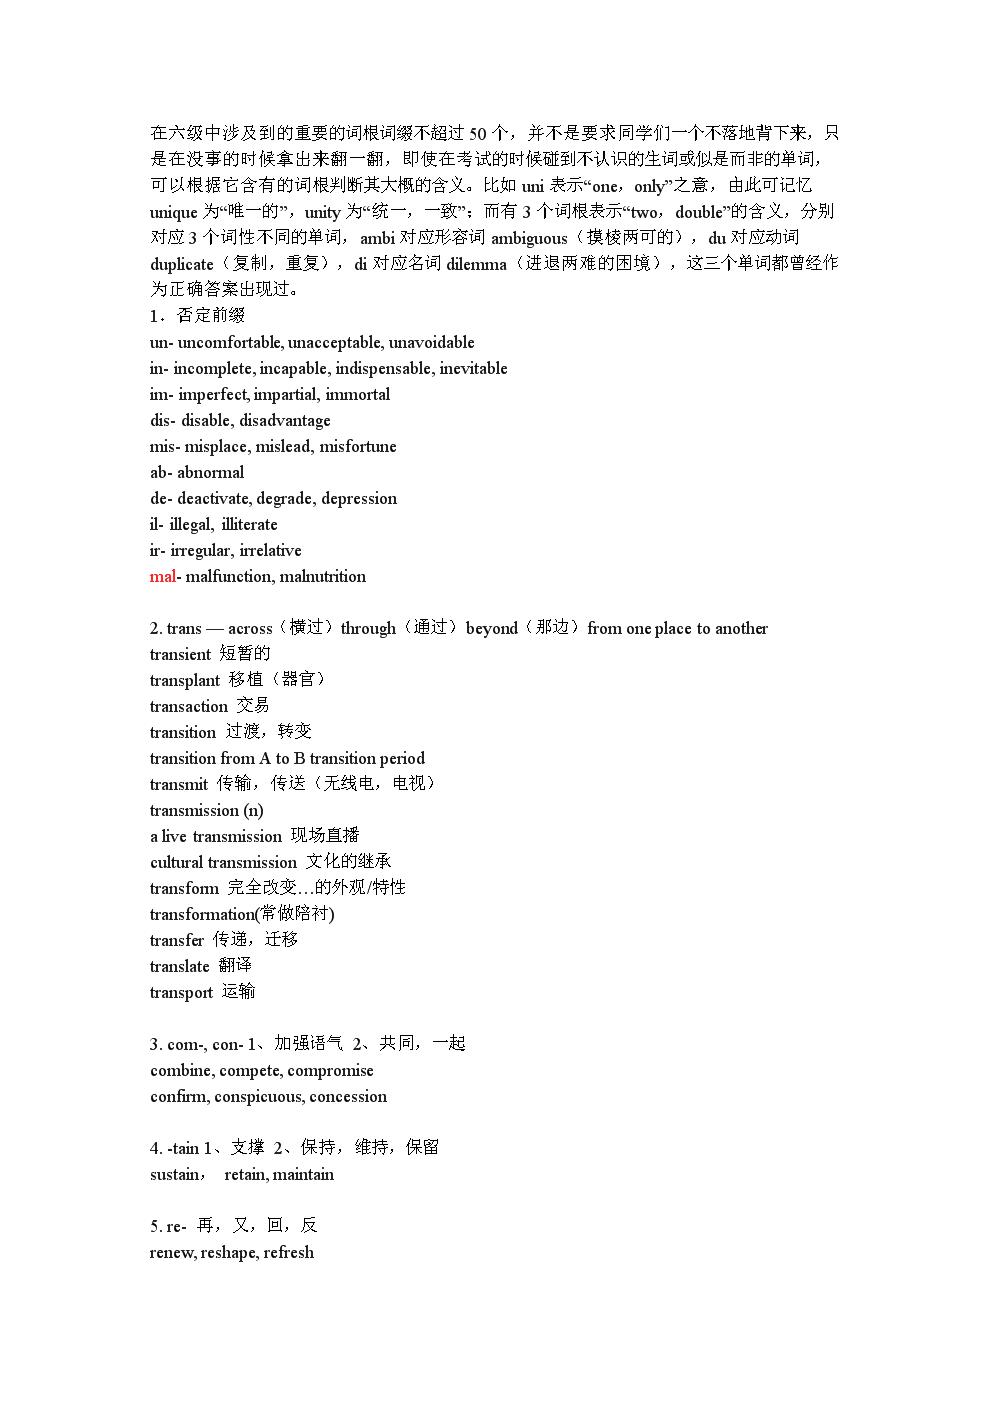 CET6_六级常考的词根词缀.doc